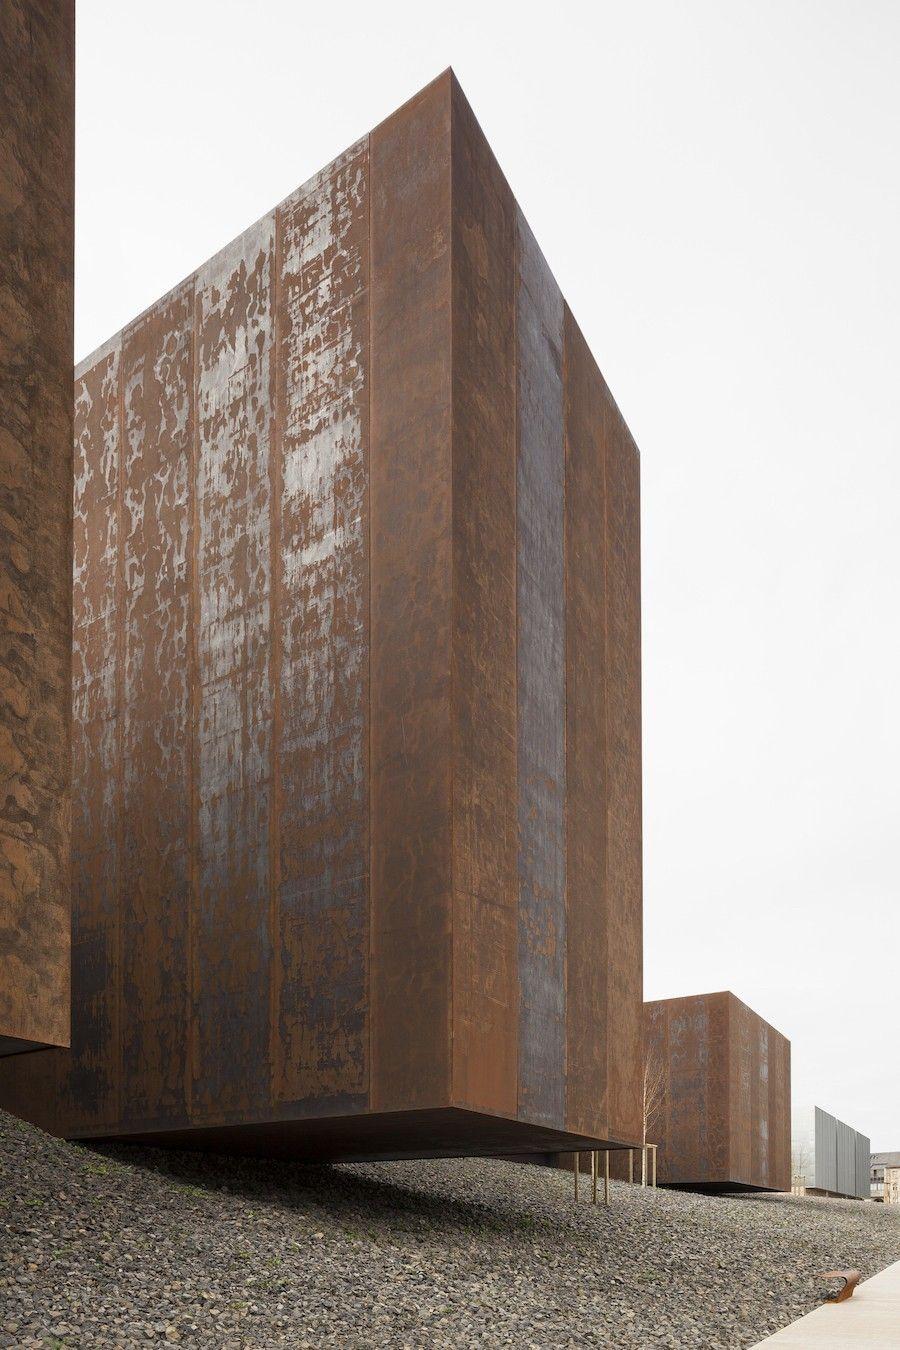 Décoratrice D Intérieur Rodez photographe d'architecture, d'espaces et de lieux